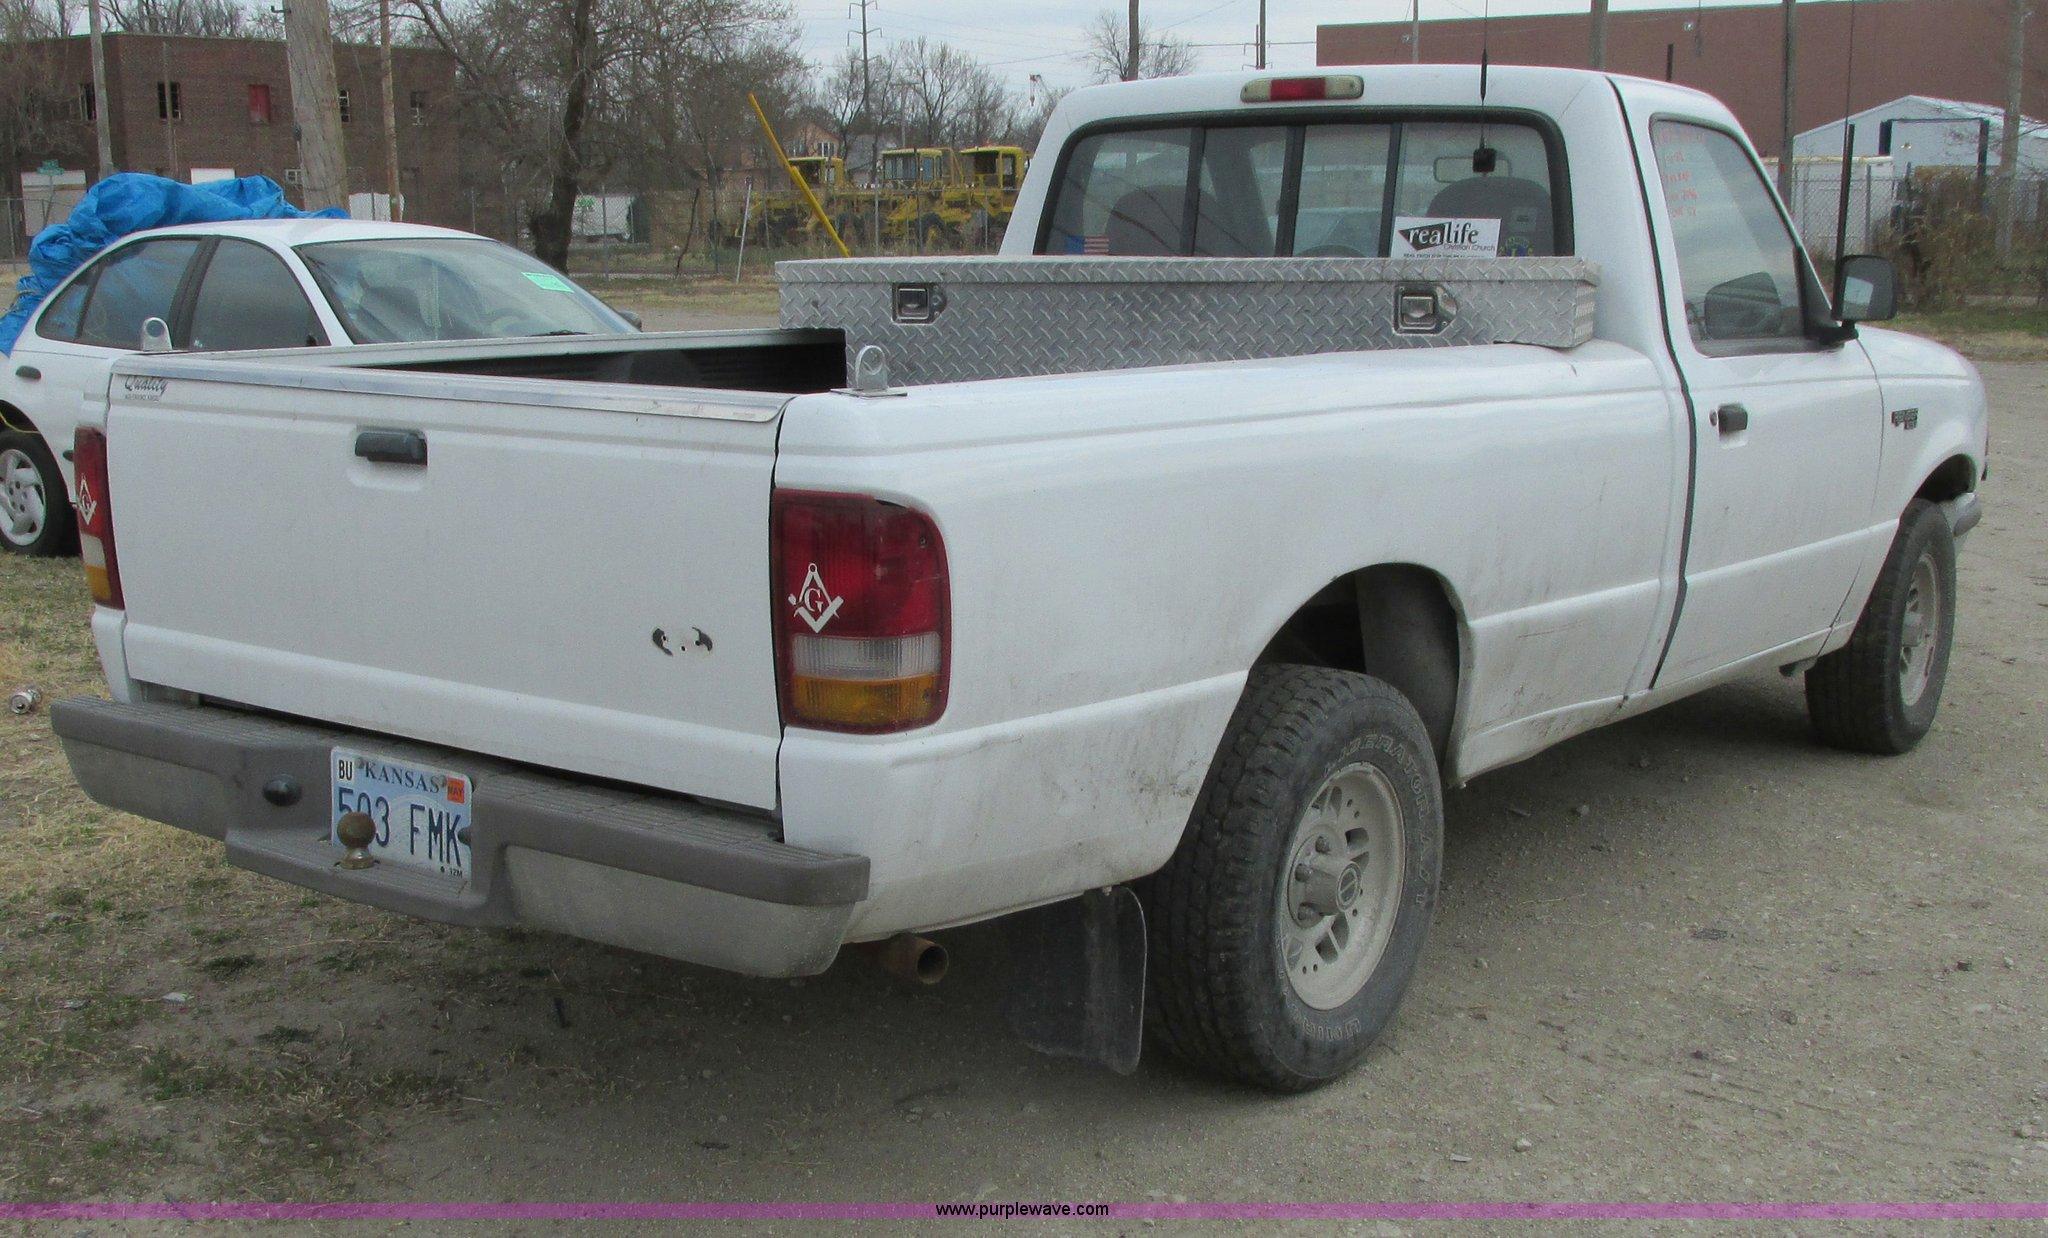 1993 Ford Ranger Xlt Pickup Truck Item I5508 Sold April Power Window Motor For Full Size In New